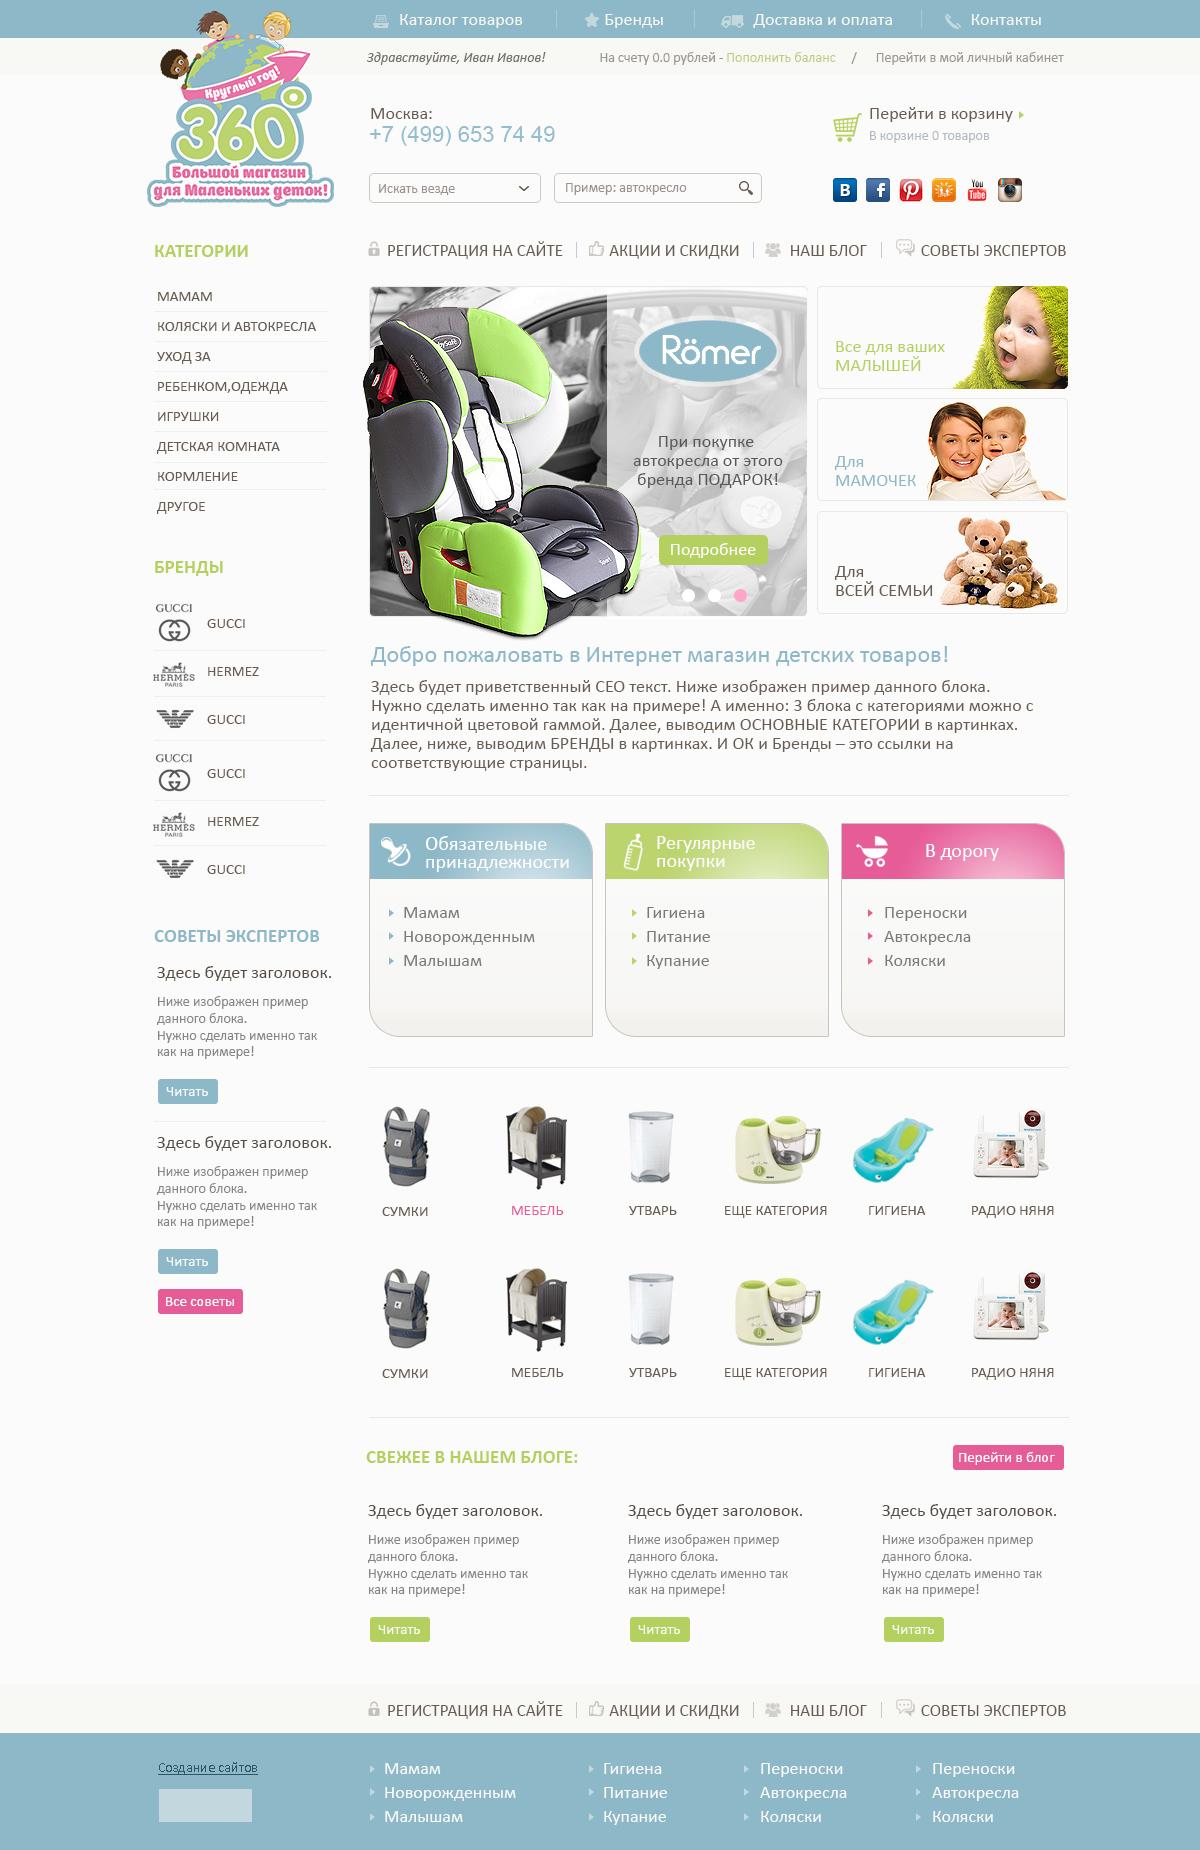 Дизайн интернет-магазина товаров для детей.